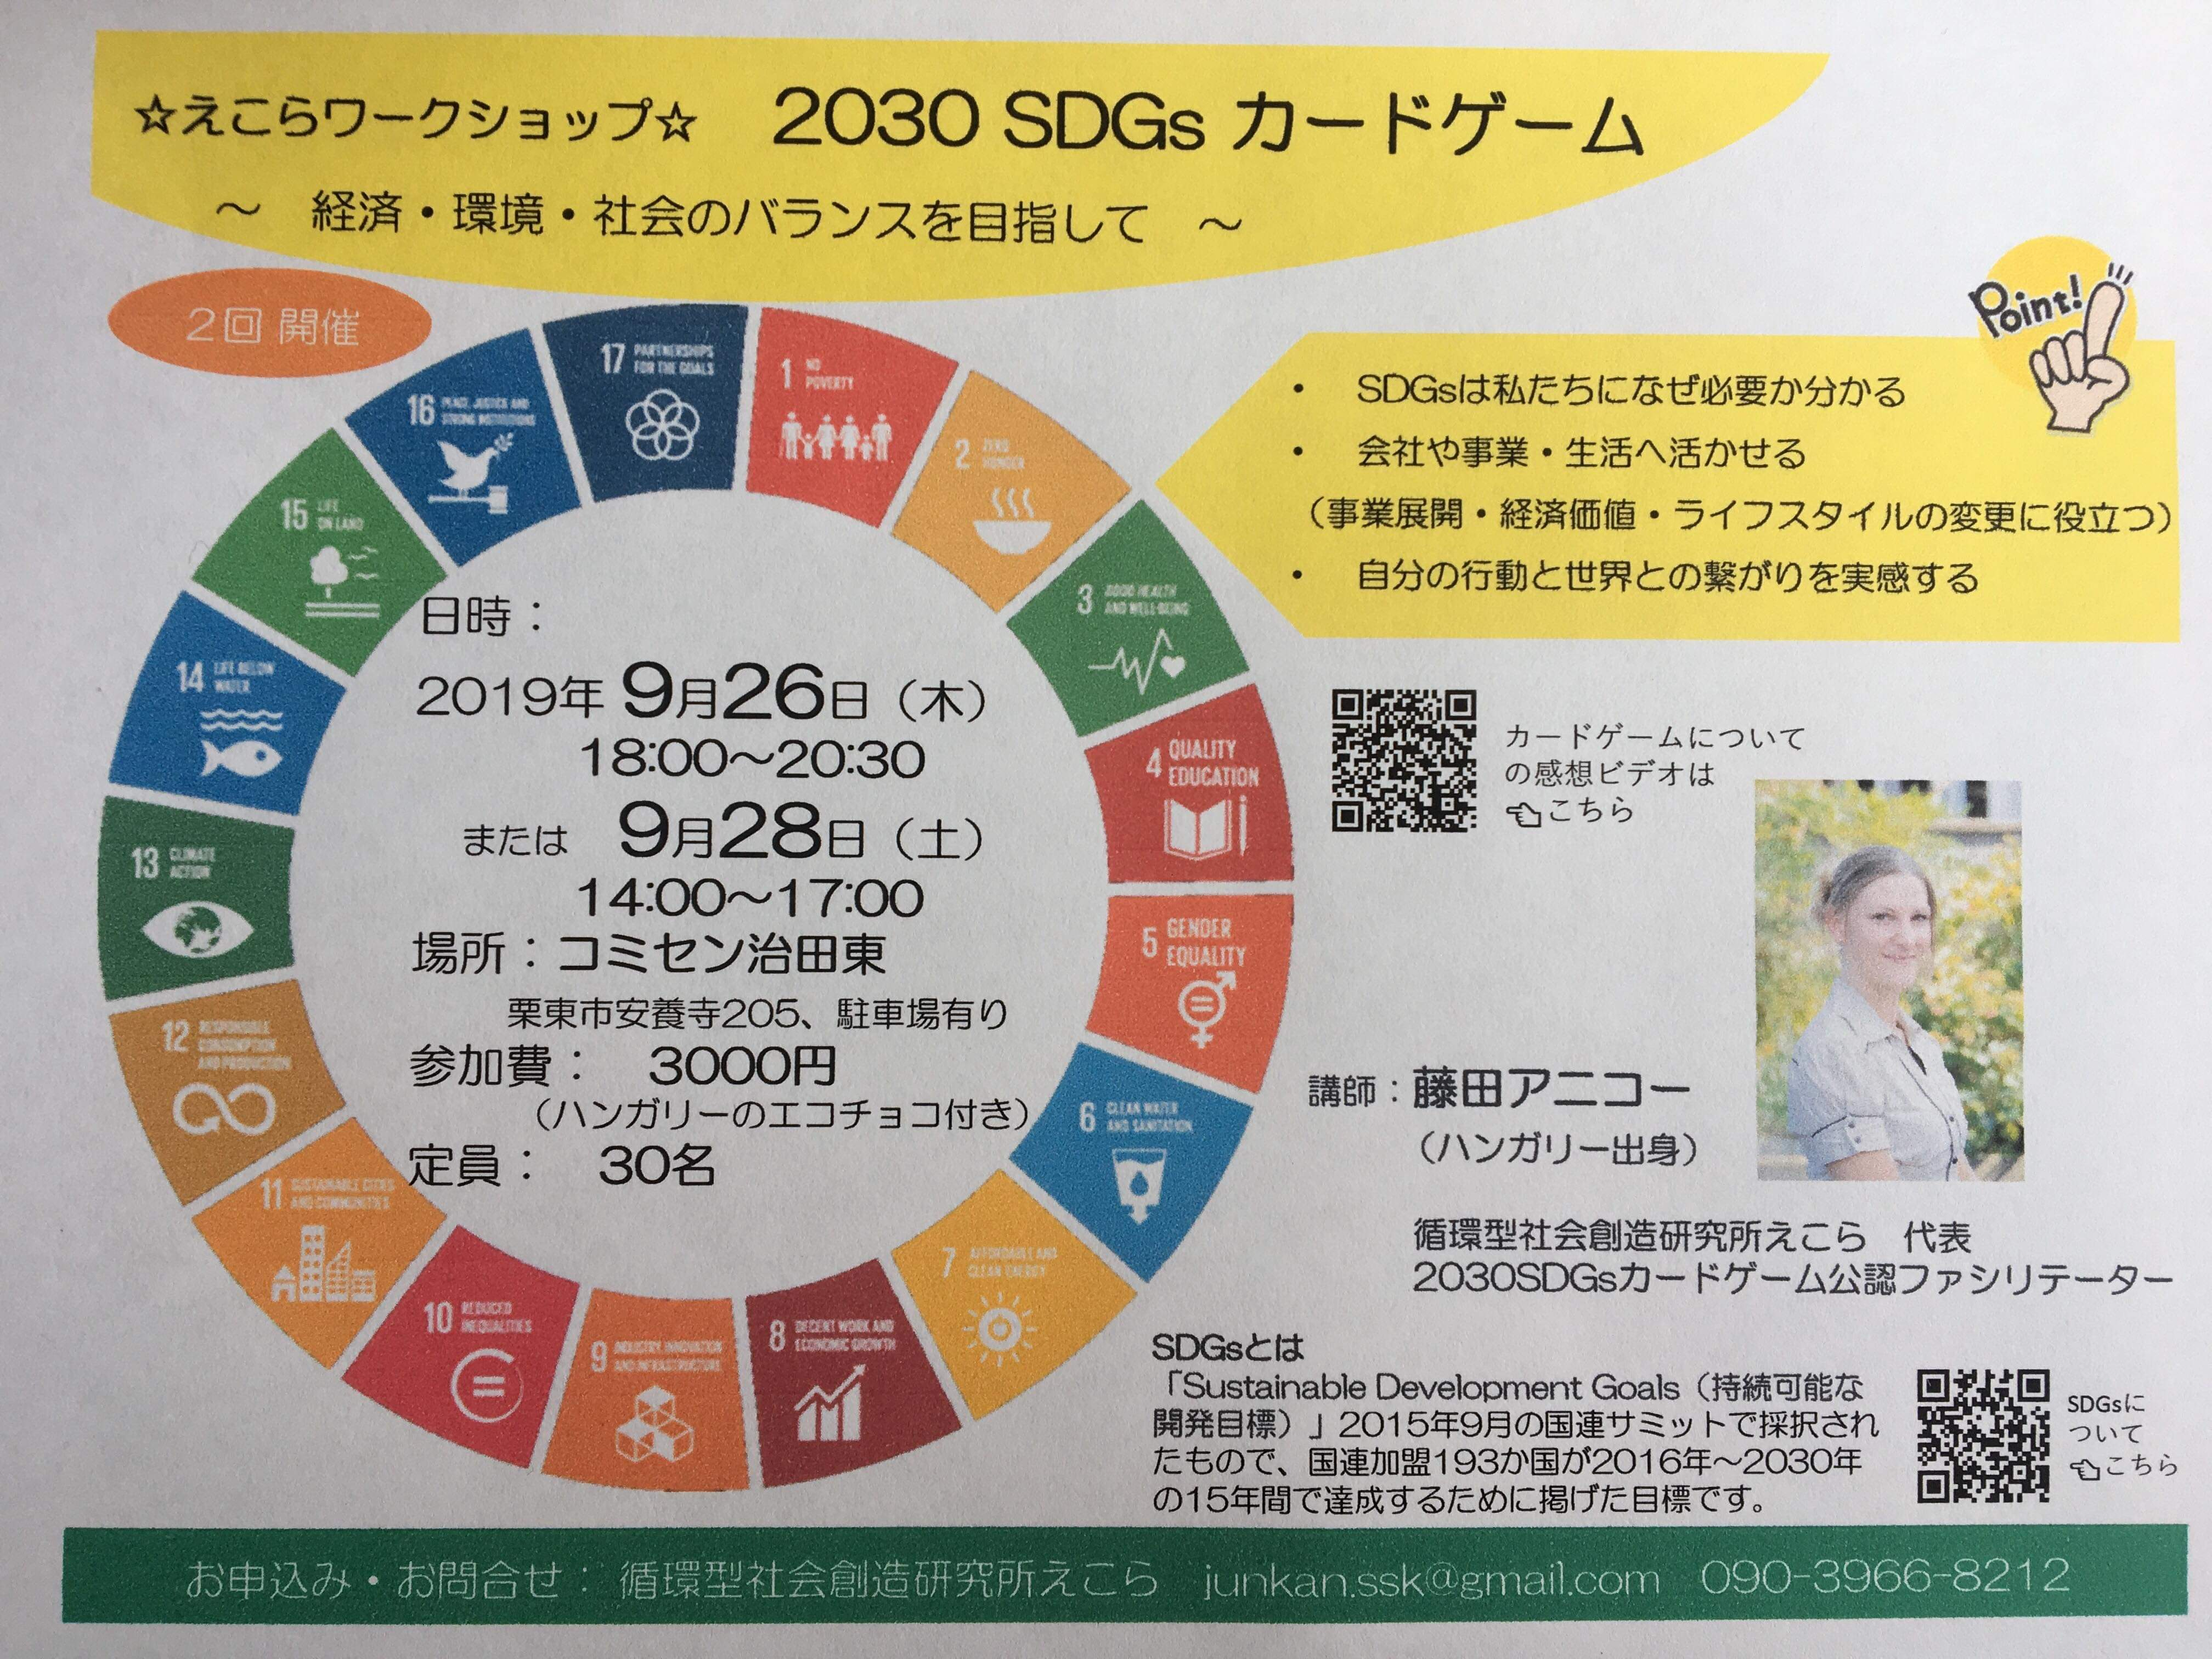 9/26開催 ☆えこらワークショップ☆ 2030SDGs カードゲーム ~経済・環境・社会のバランスを目指して~